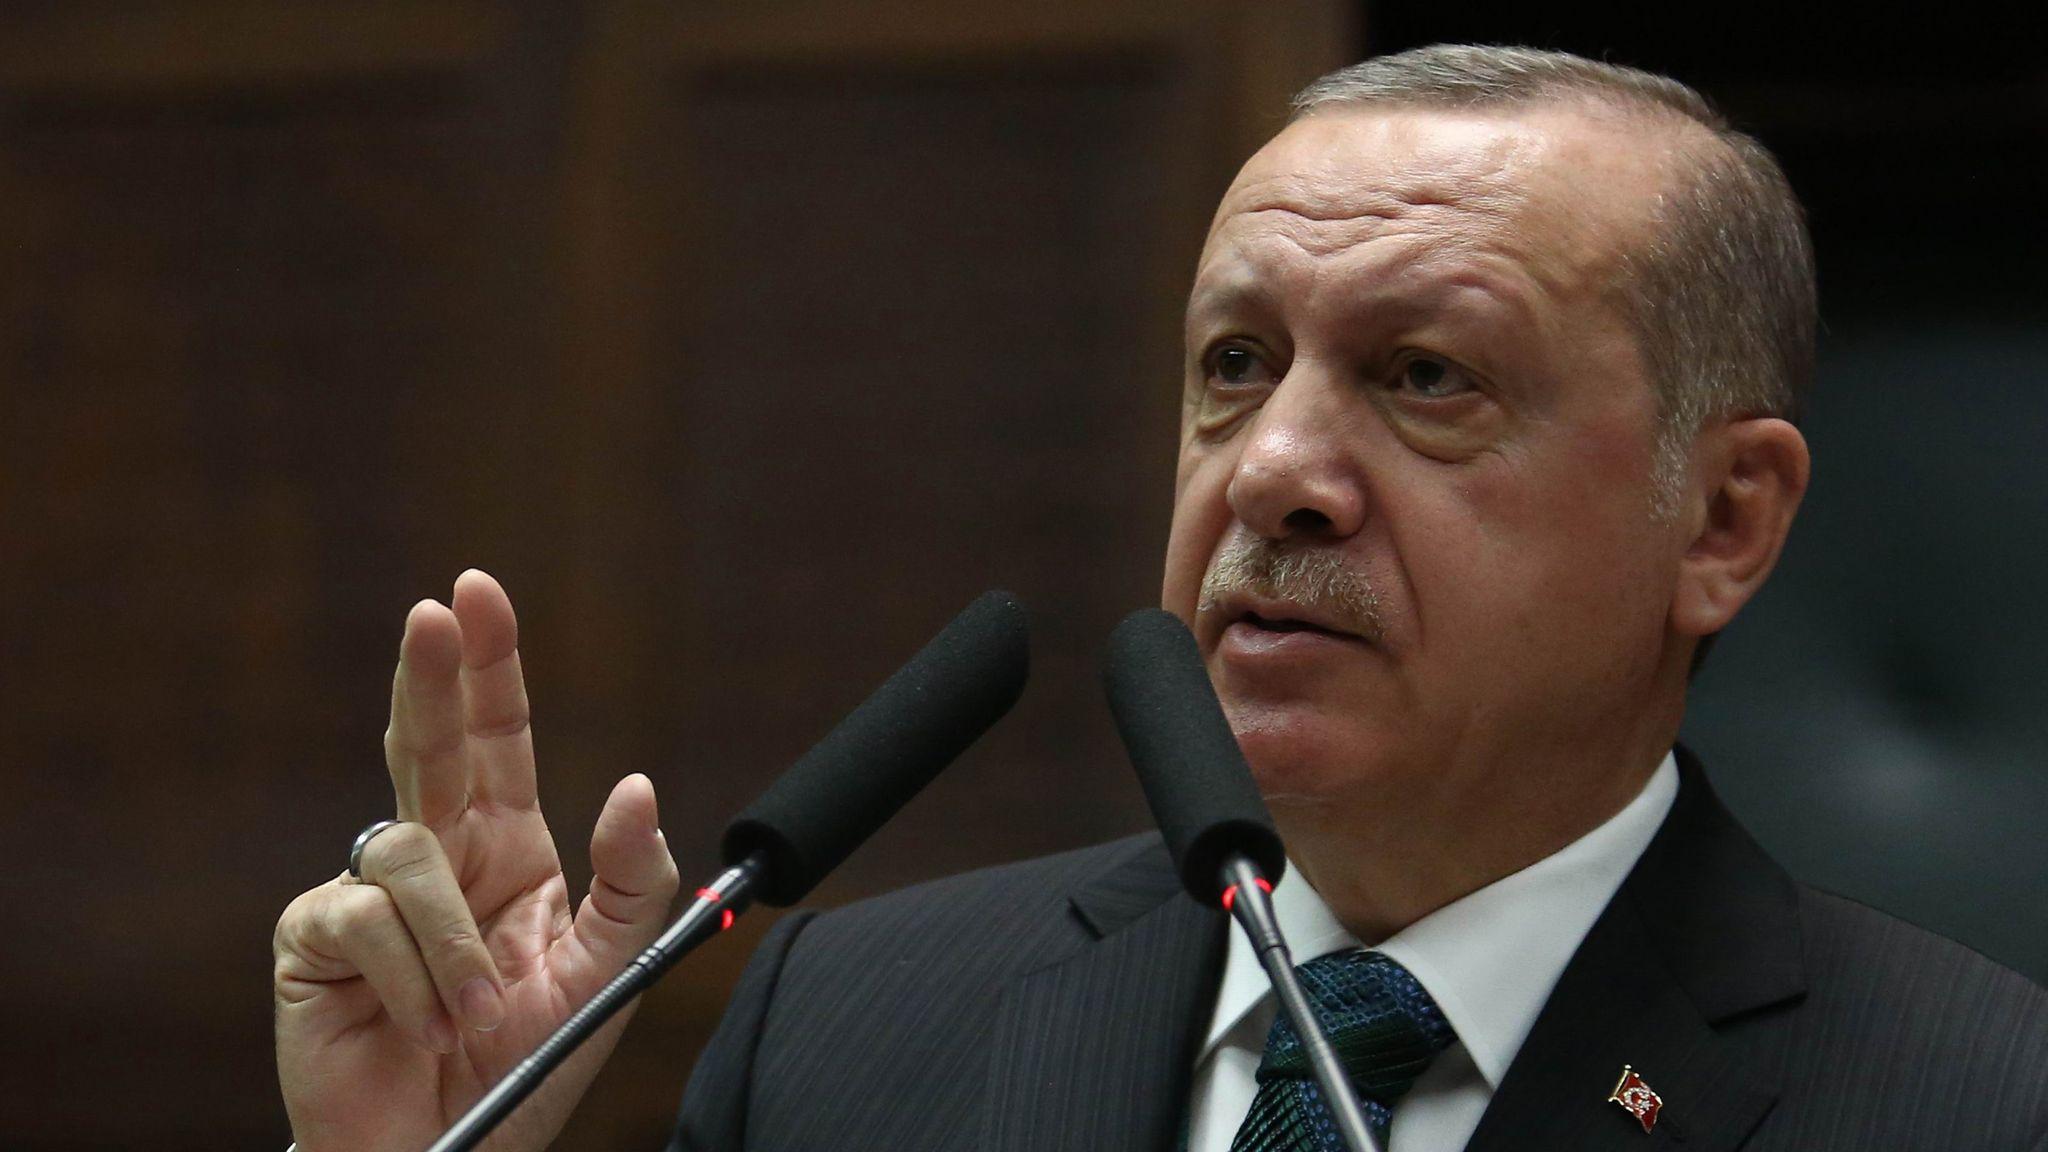 İKİNCİ PART AŞILAR BU HAFTA SONU GELEBİLİR!